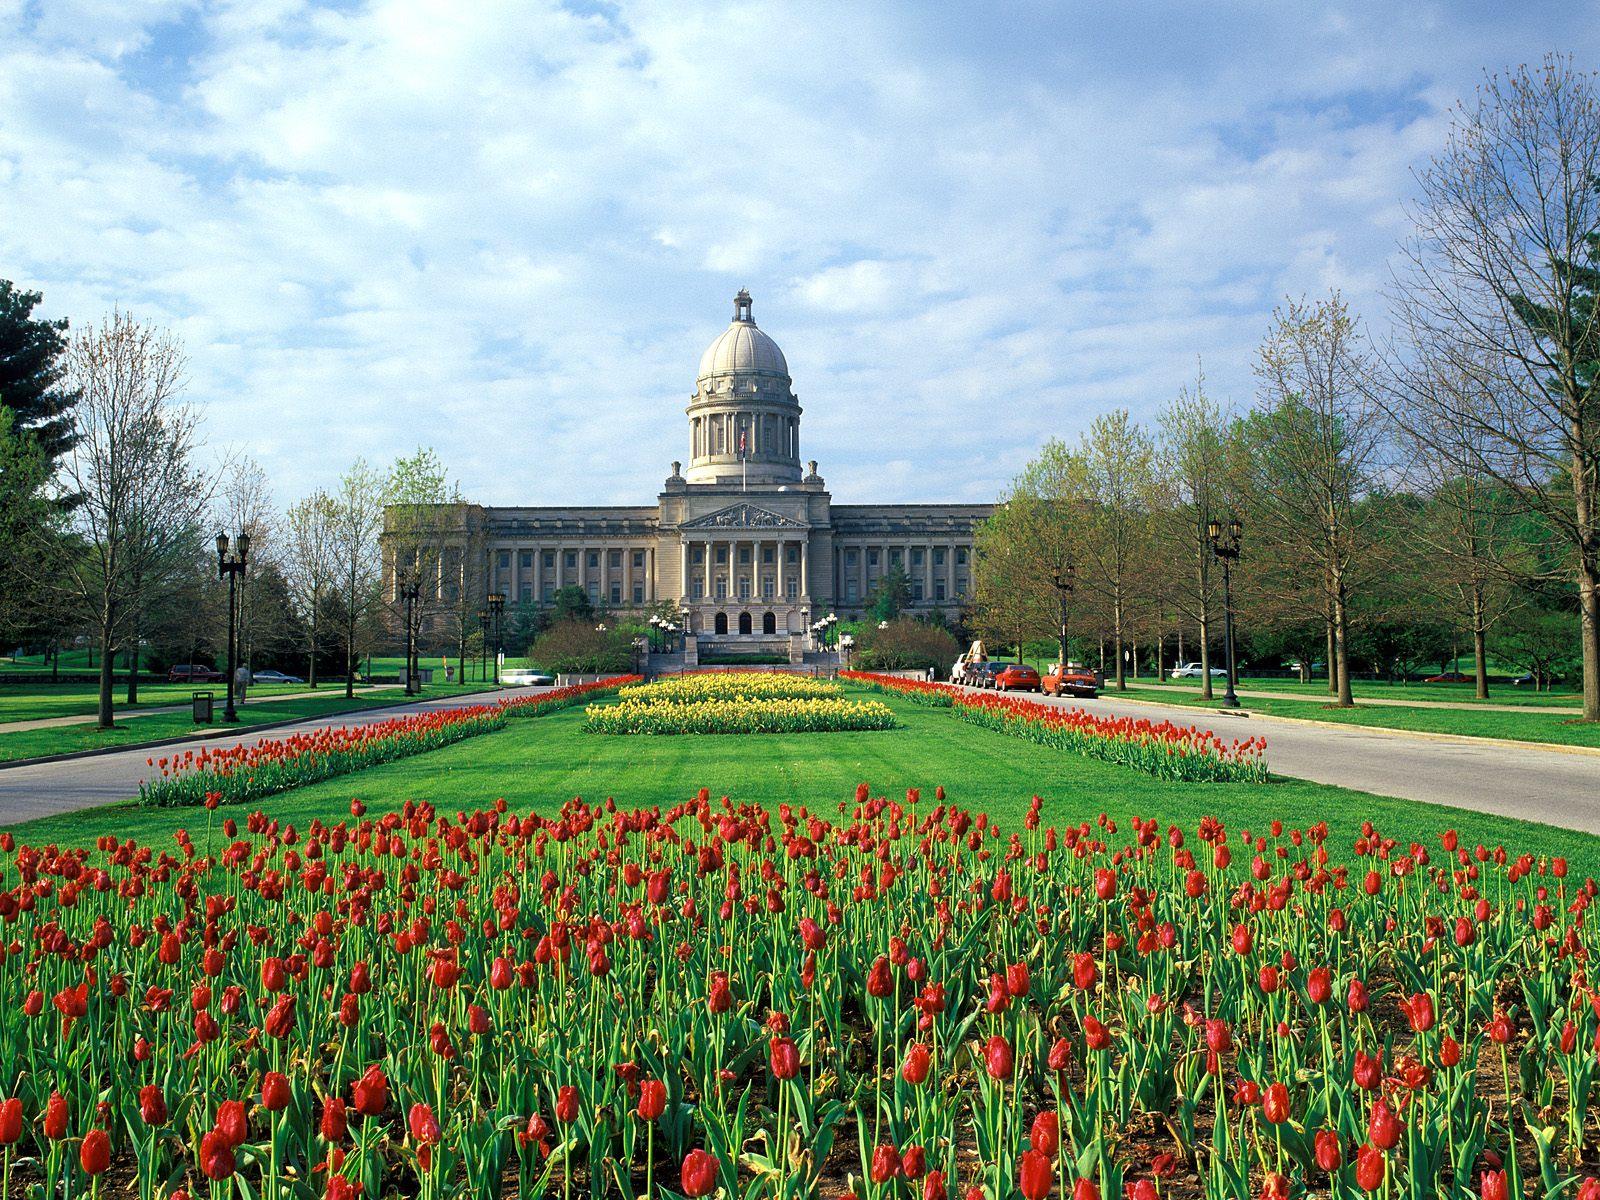 http://3.bp.blogspot.com/-Oap1HUNpg-E/UA7BzVsUIEI/AAAAAAAADwg/4DO0lqiXYa0/s1600/Kentucky+State+Capitol+Building,+Frankfort,+Kentucky.jpg